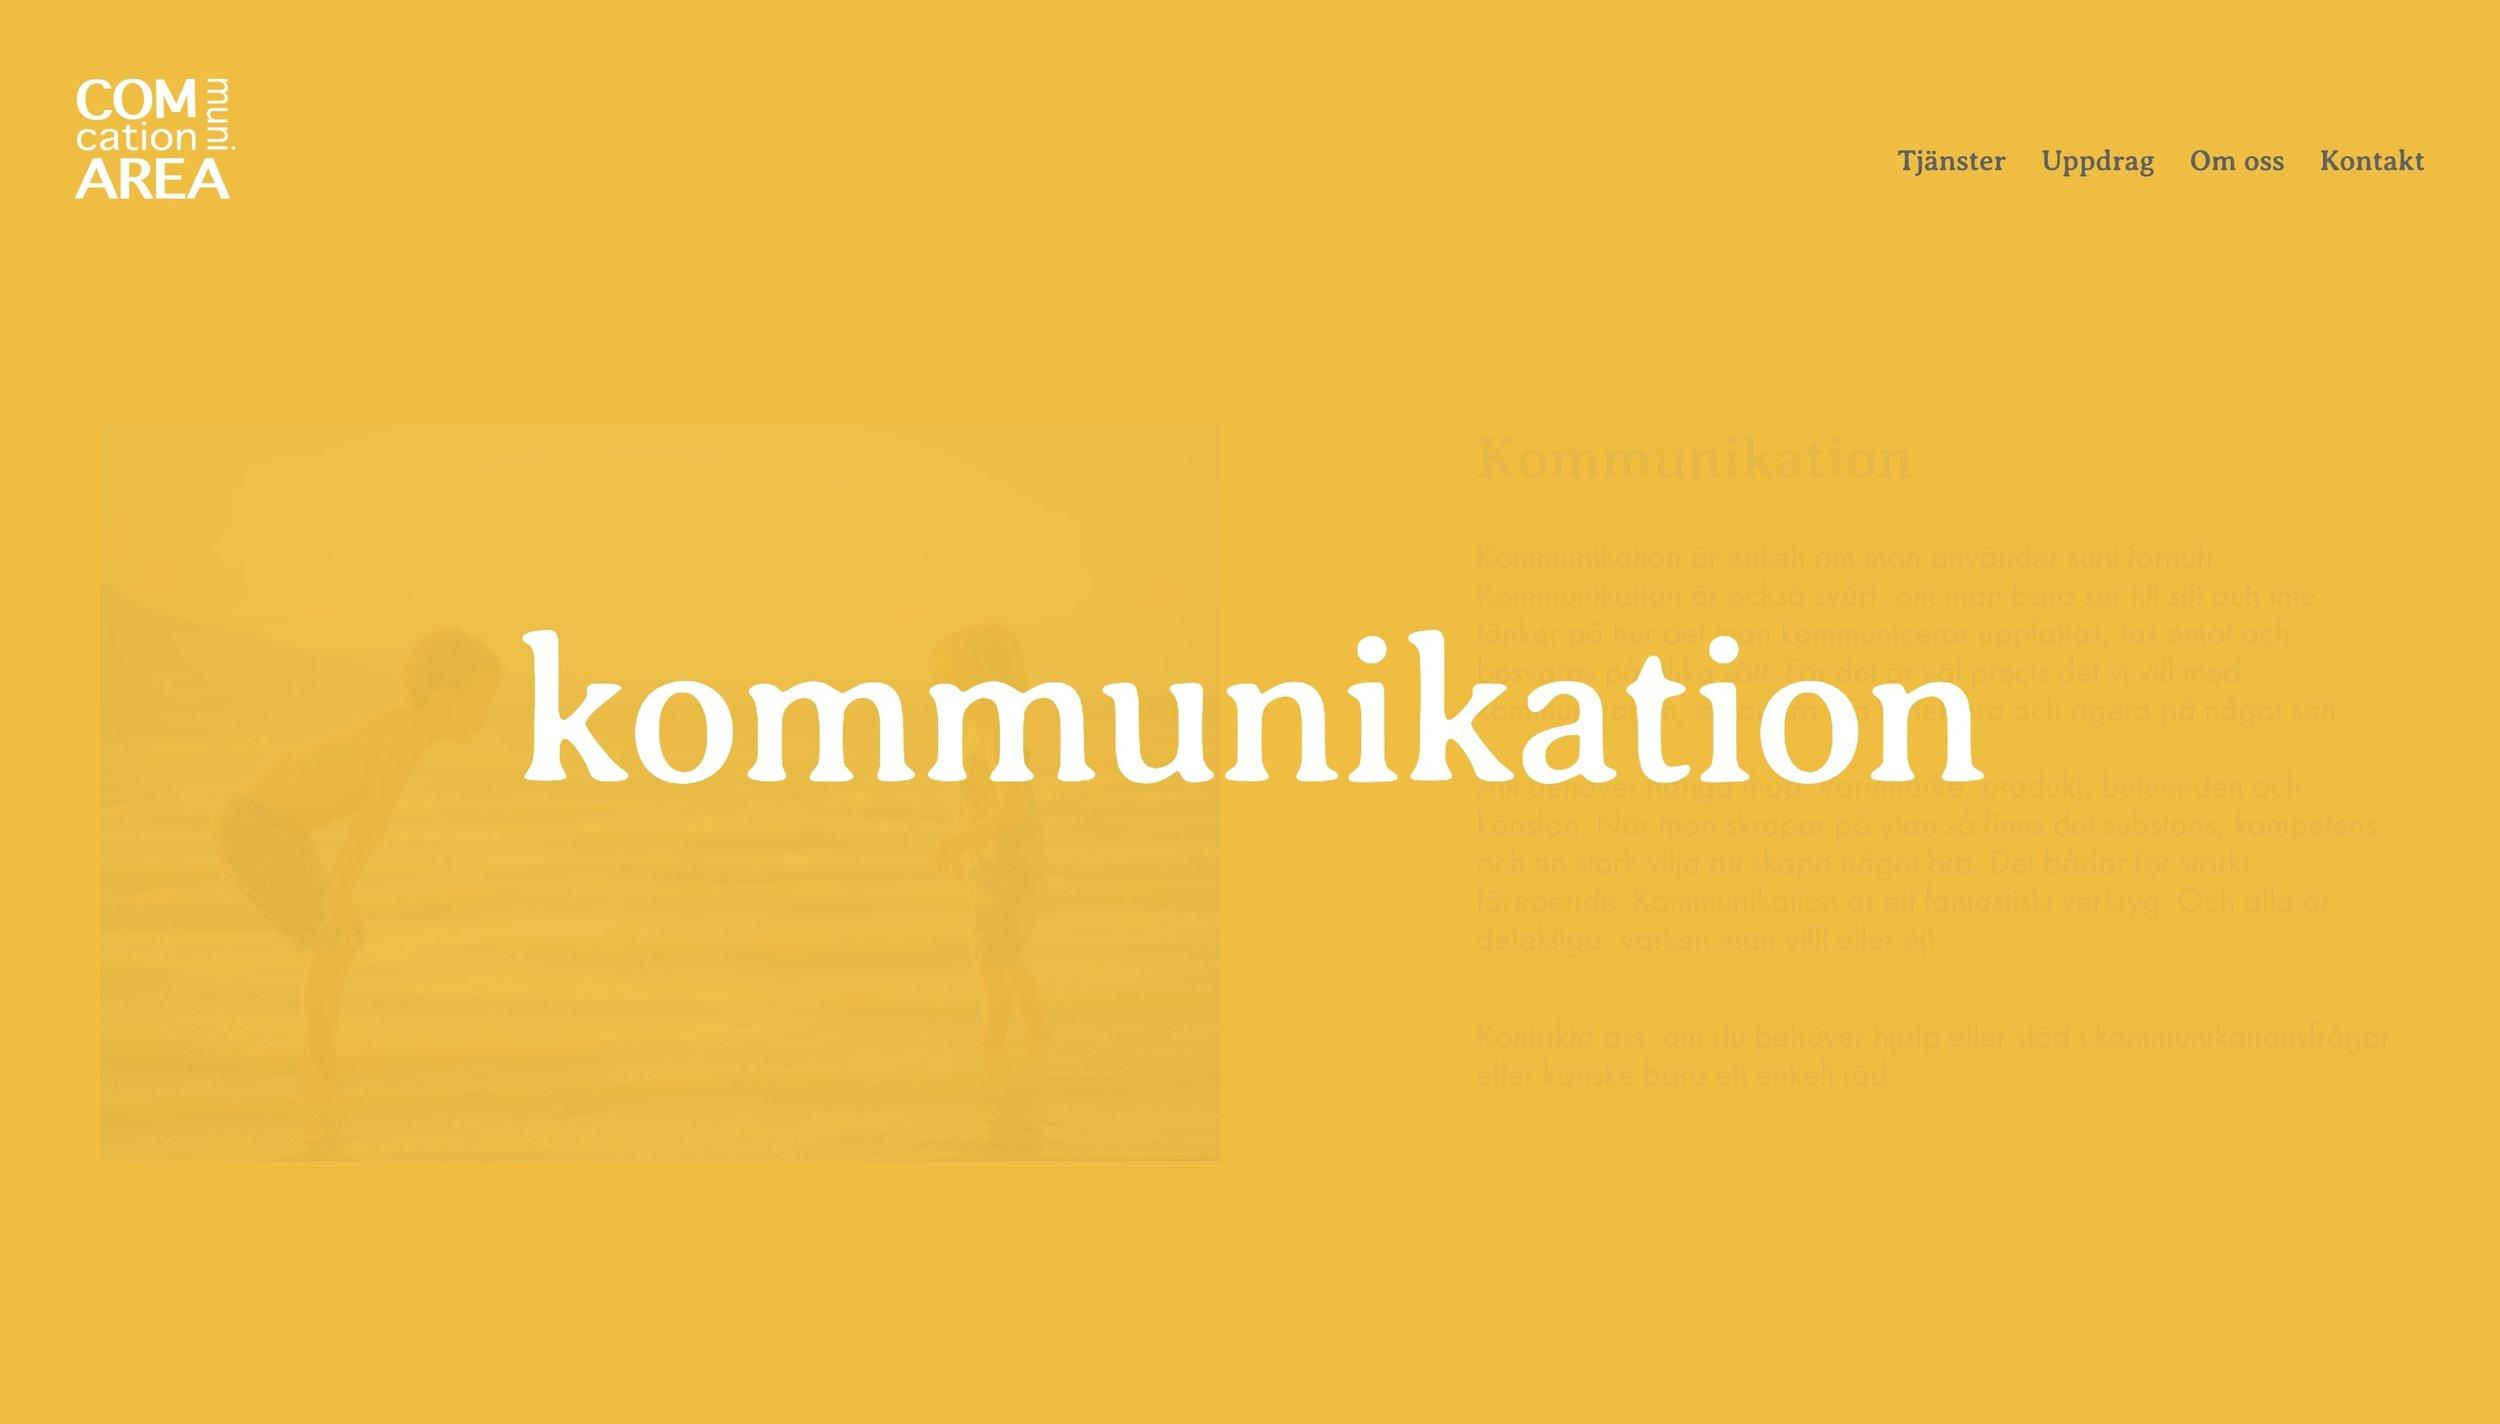 framtidens-webbyrå-hemsida-uppdrag-communication-area-startsida